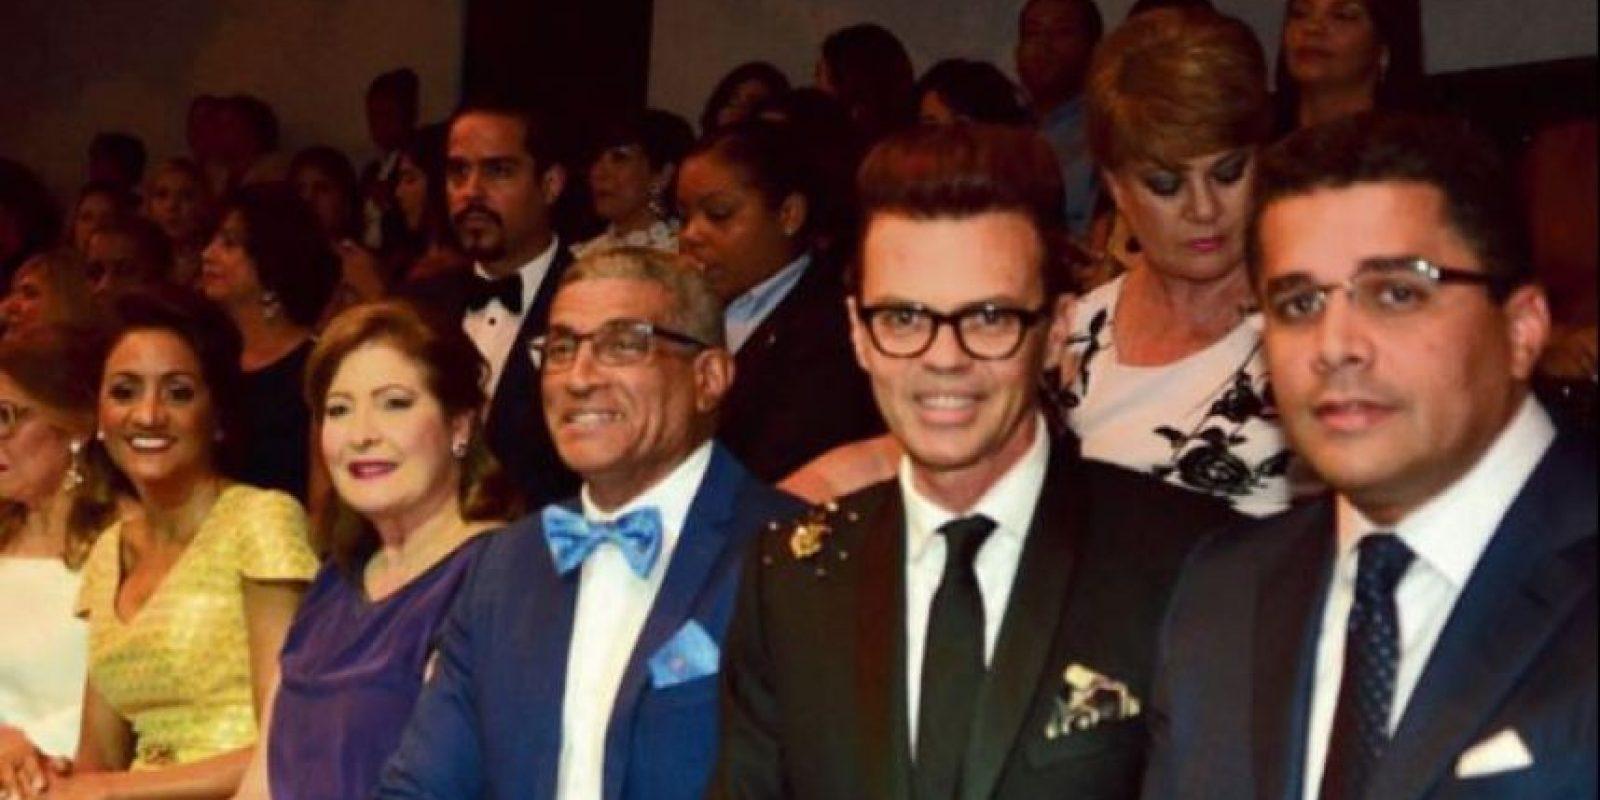 La primera dama Cándida de Montilla, Mirka Morales, Fidel López, Sócrates Mckinney y el alcalde David Collado. Foto:Fuente Externa